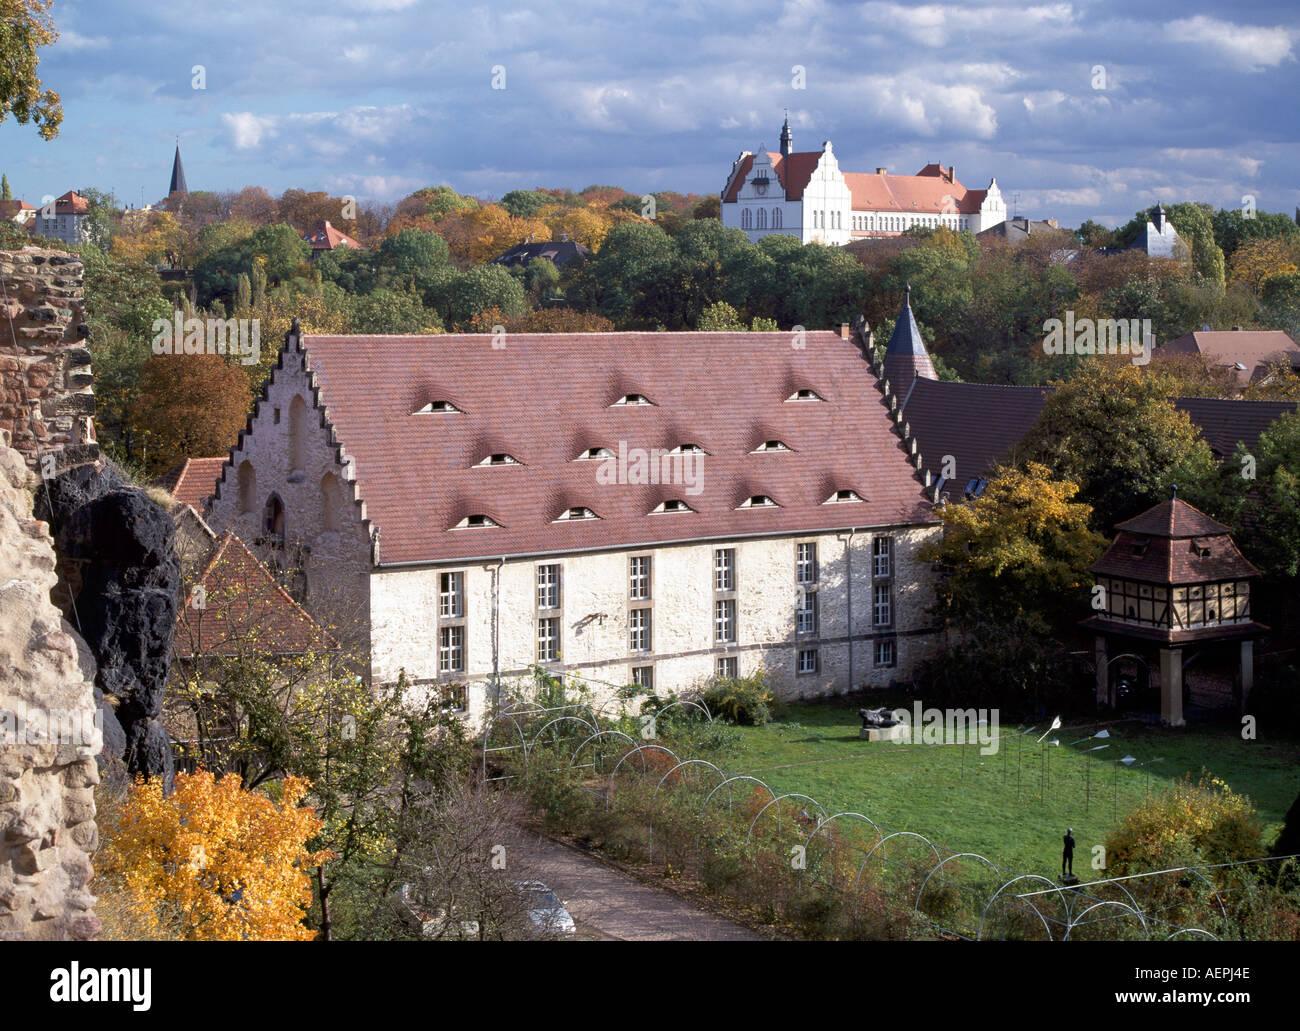 Halle, Burg Giebichenstein, Unterburg, Kornhaus 15. Halbmonatsschrift Stockbild